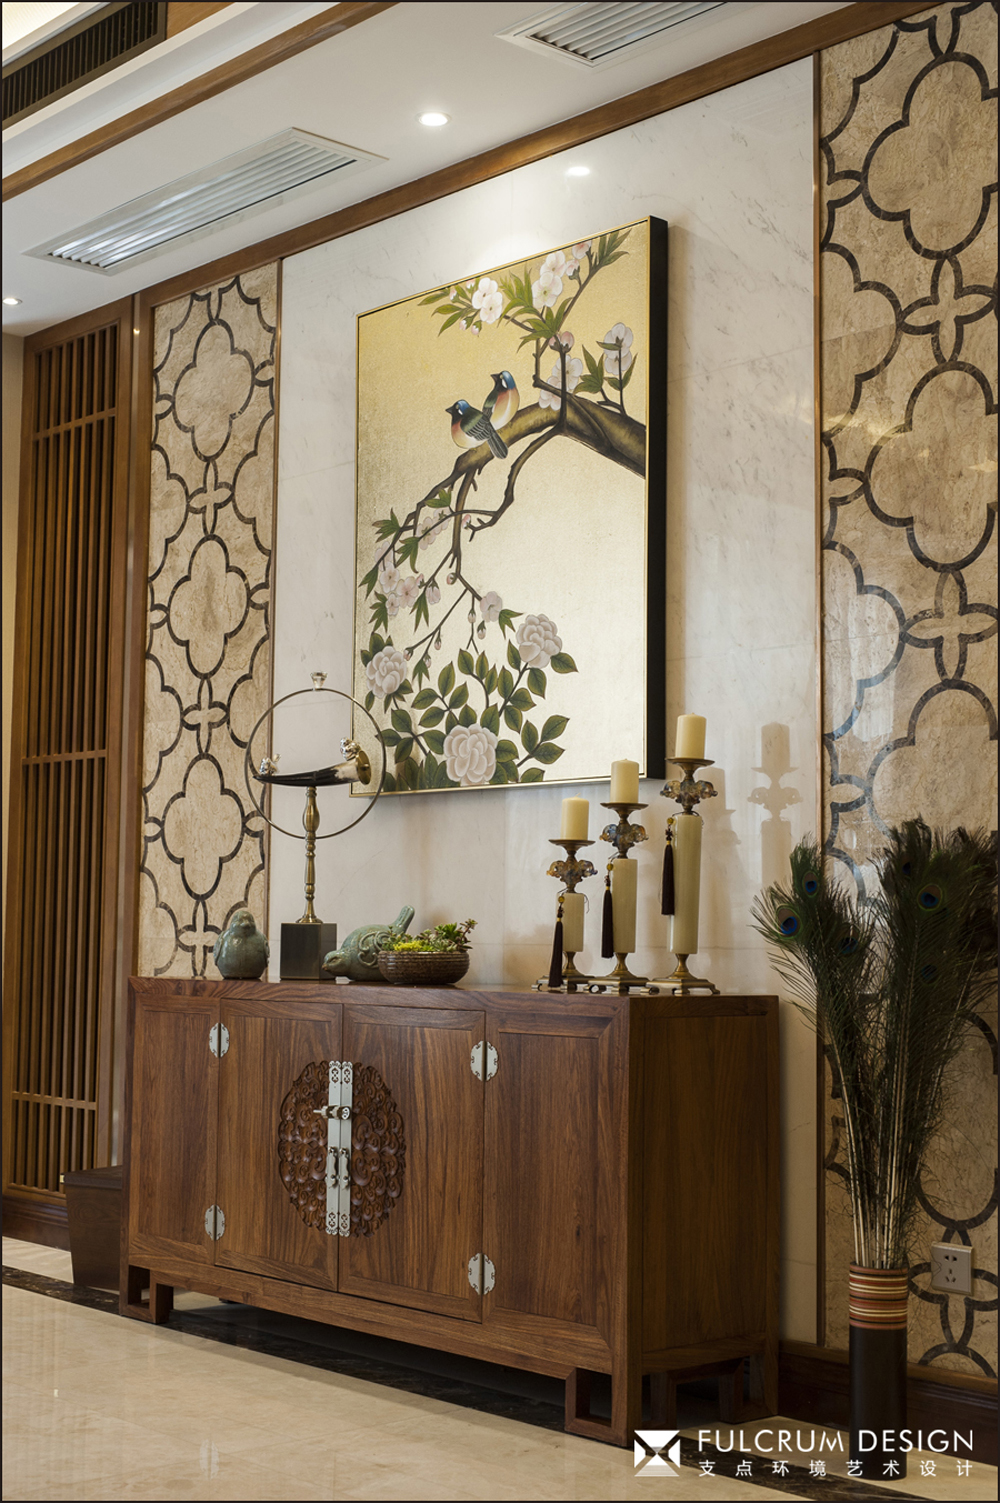 中式风格别墅装修边柜设计图